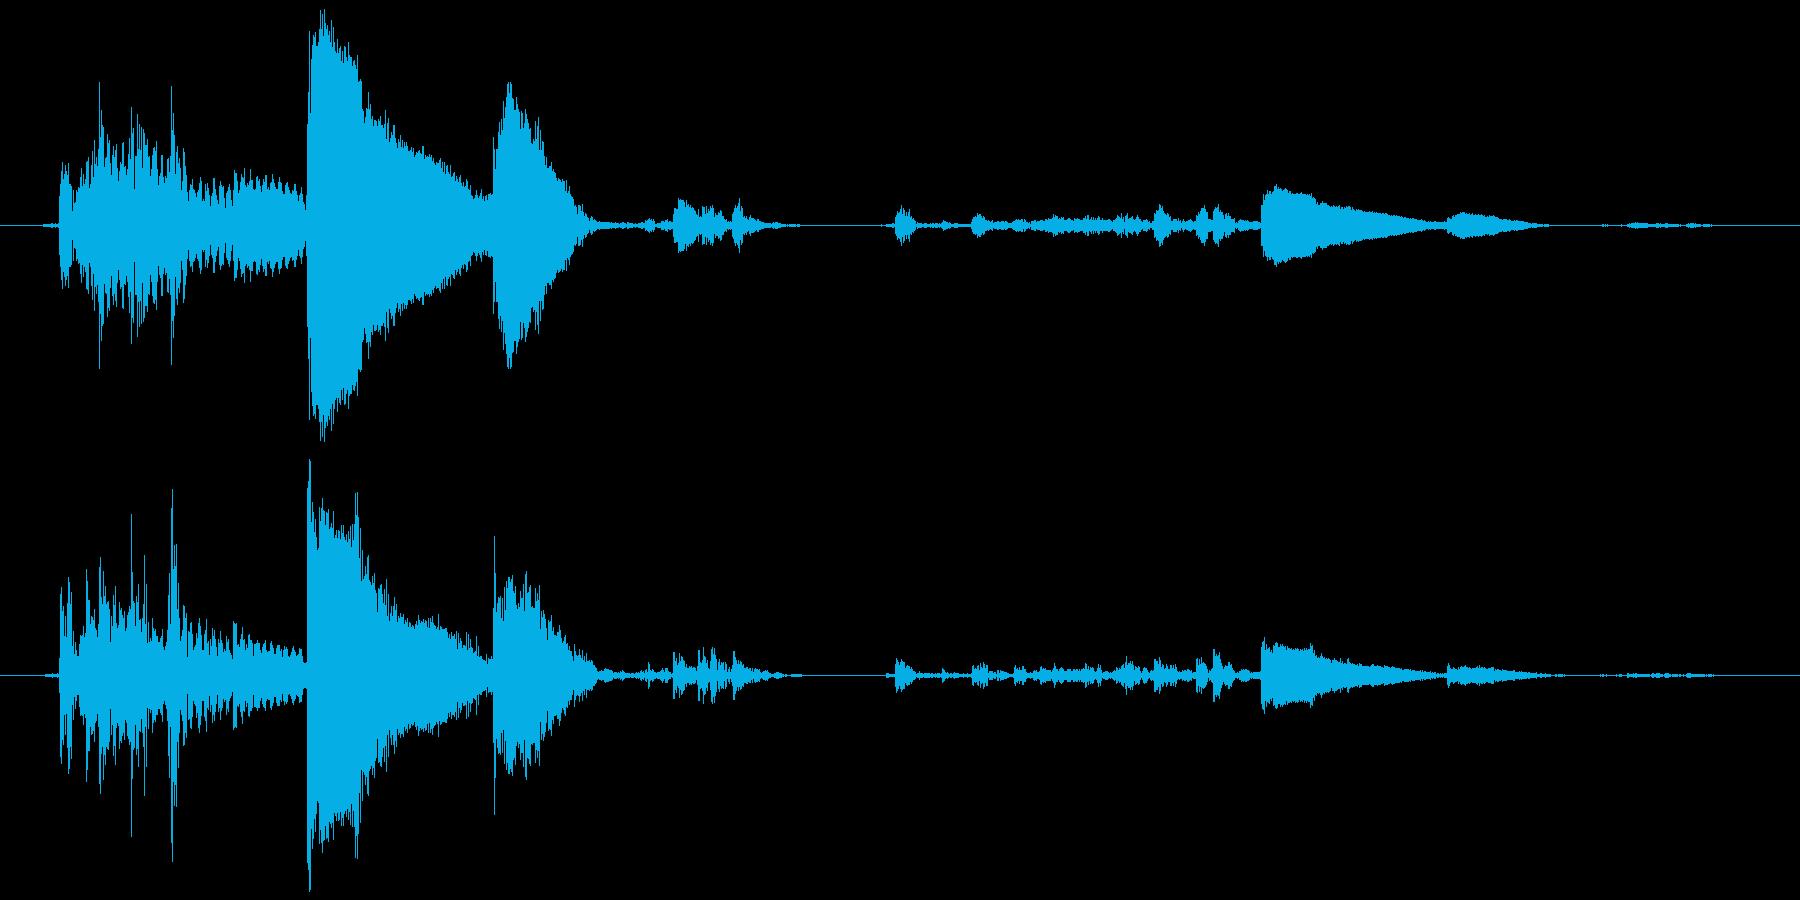 鈴の音 (高音)チッリッの再生済みの波形